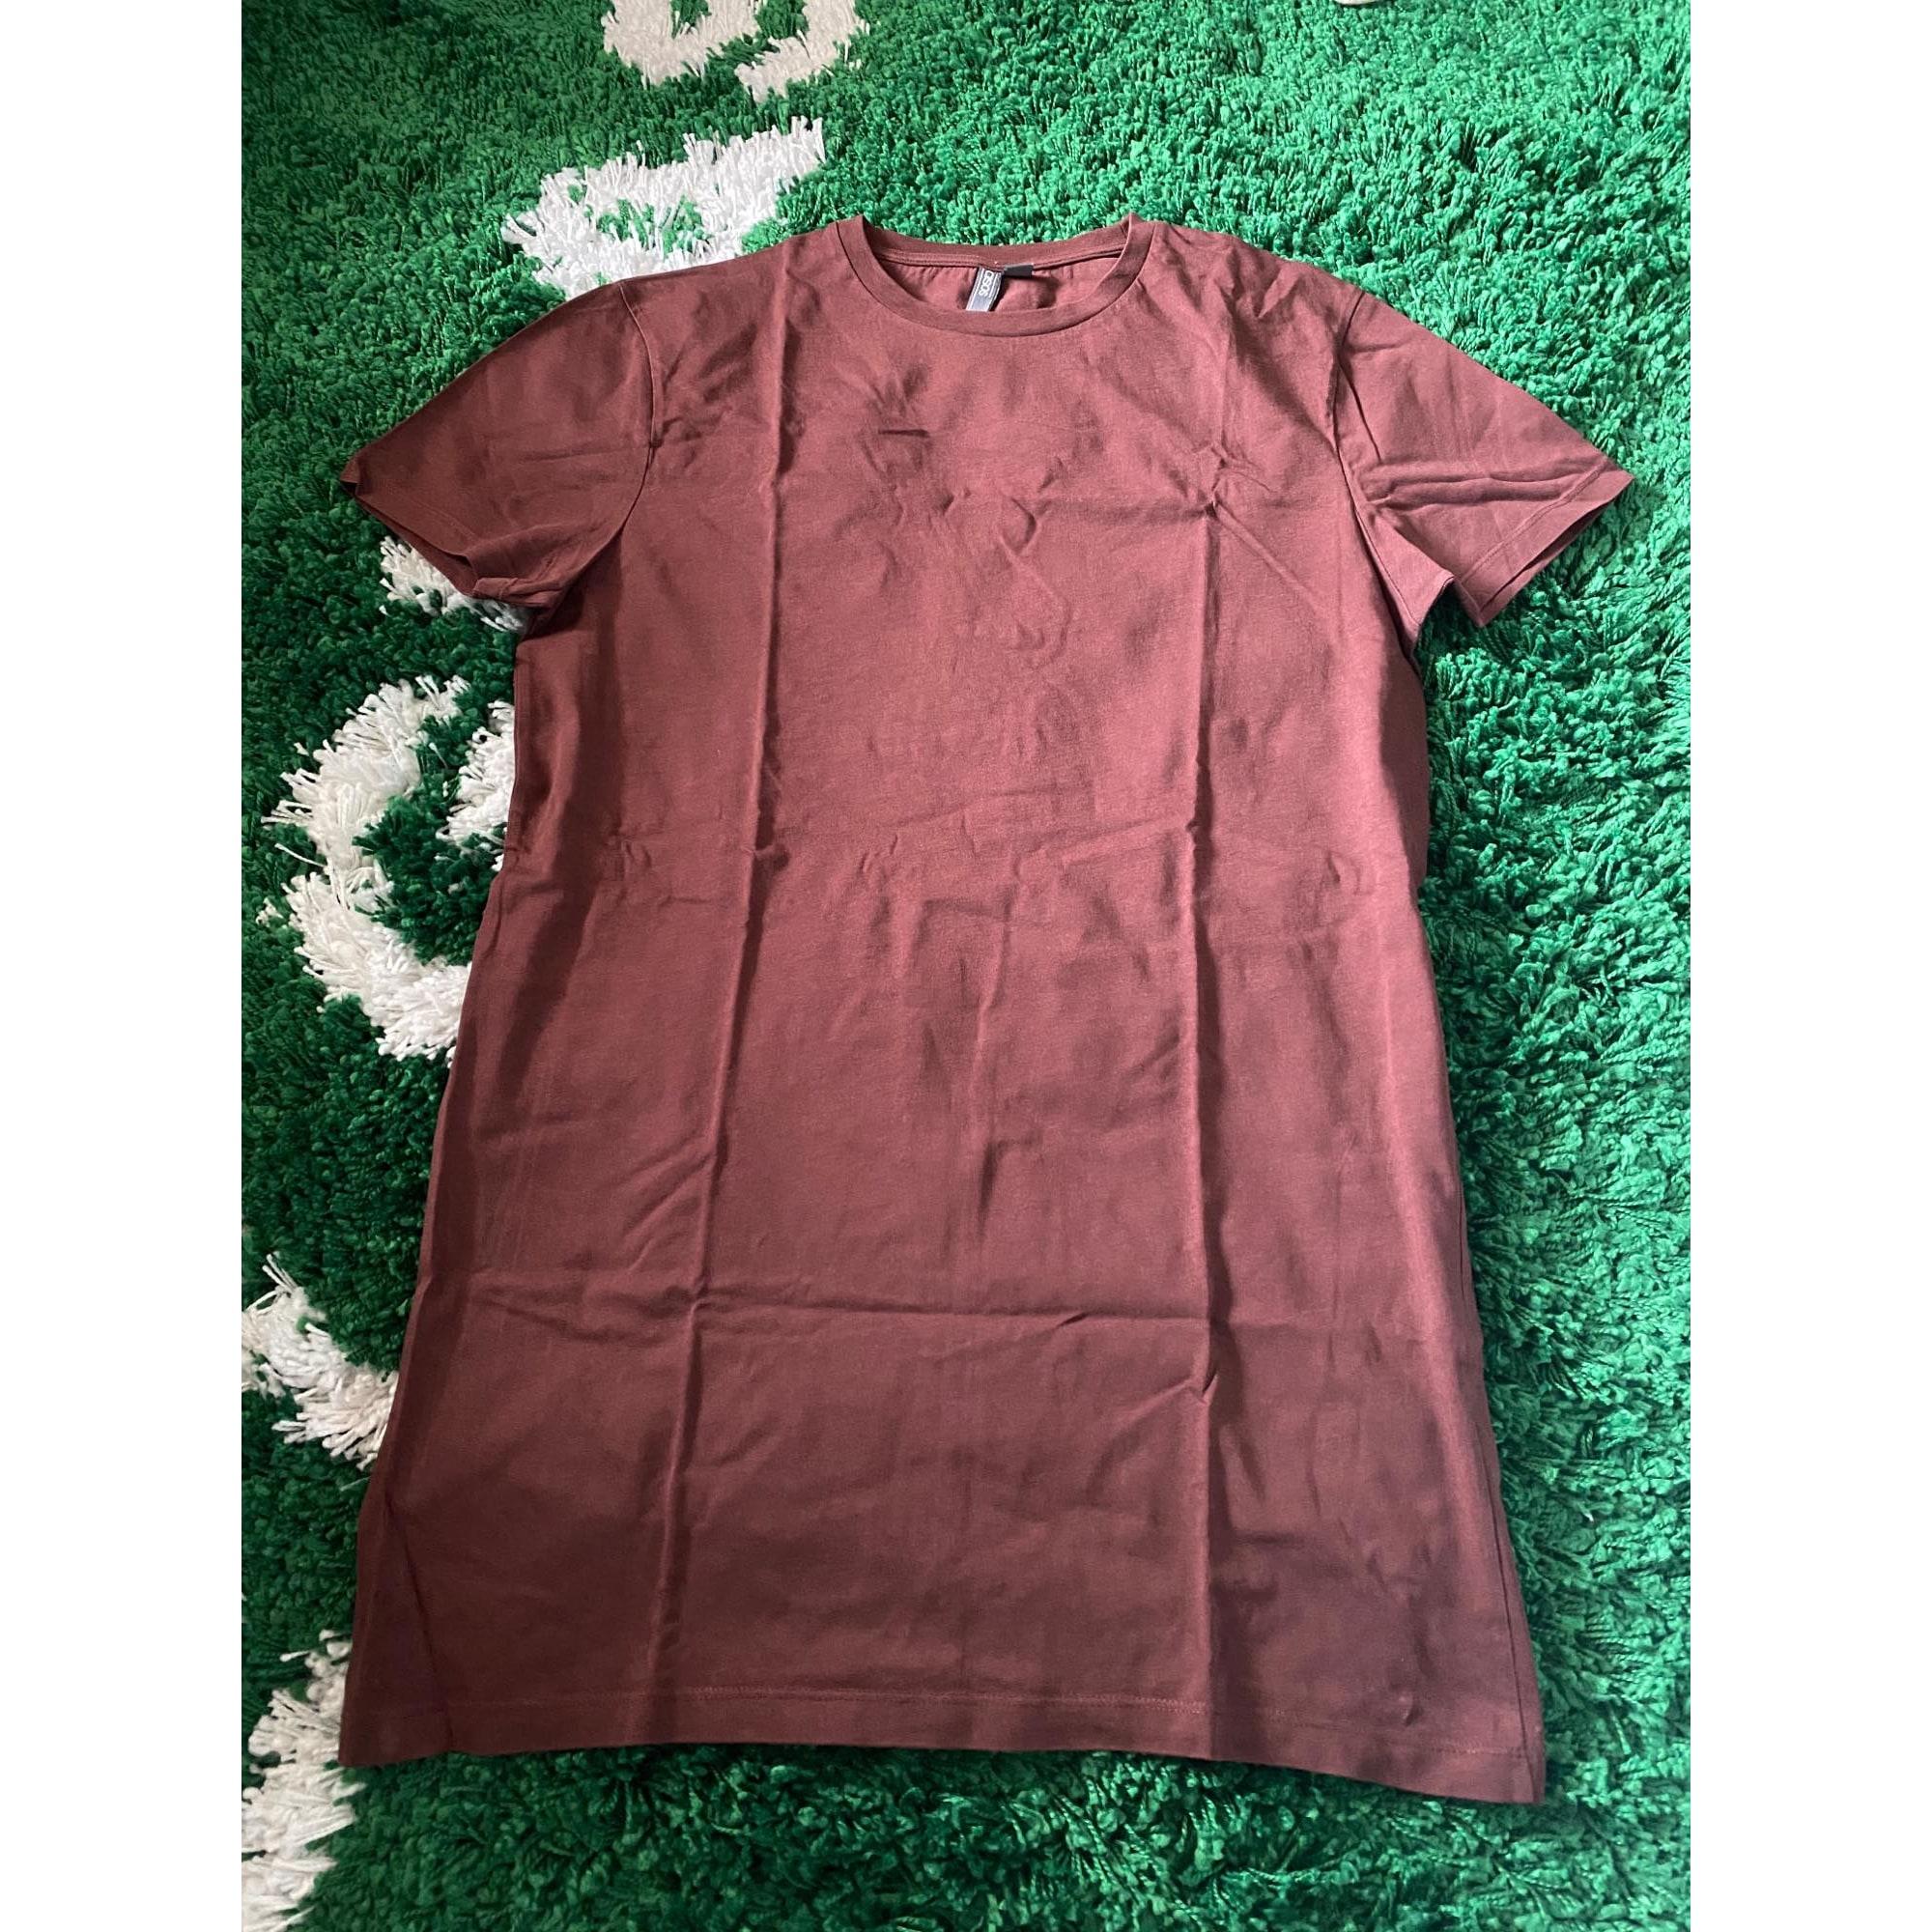 Tee-shirt ASOS Violet, mauve, lavande